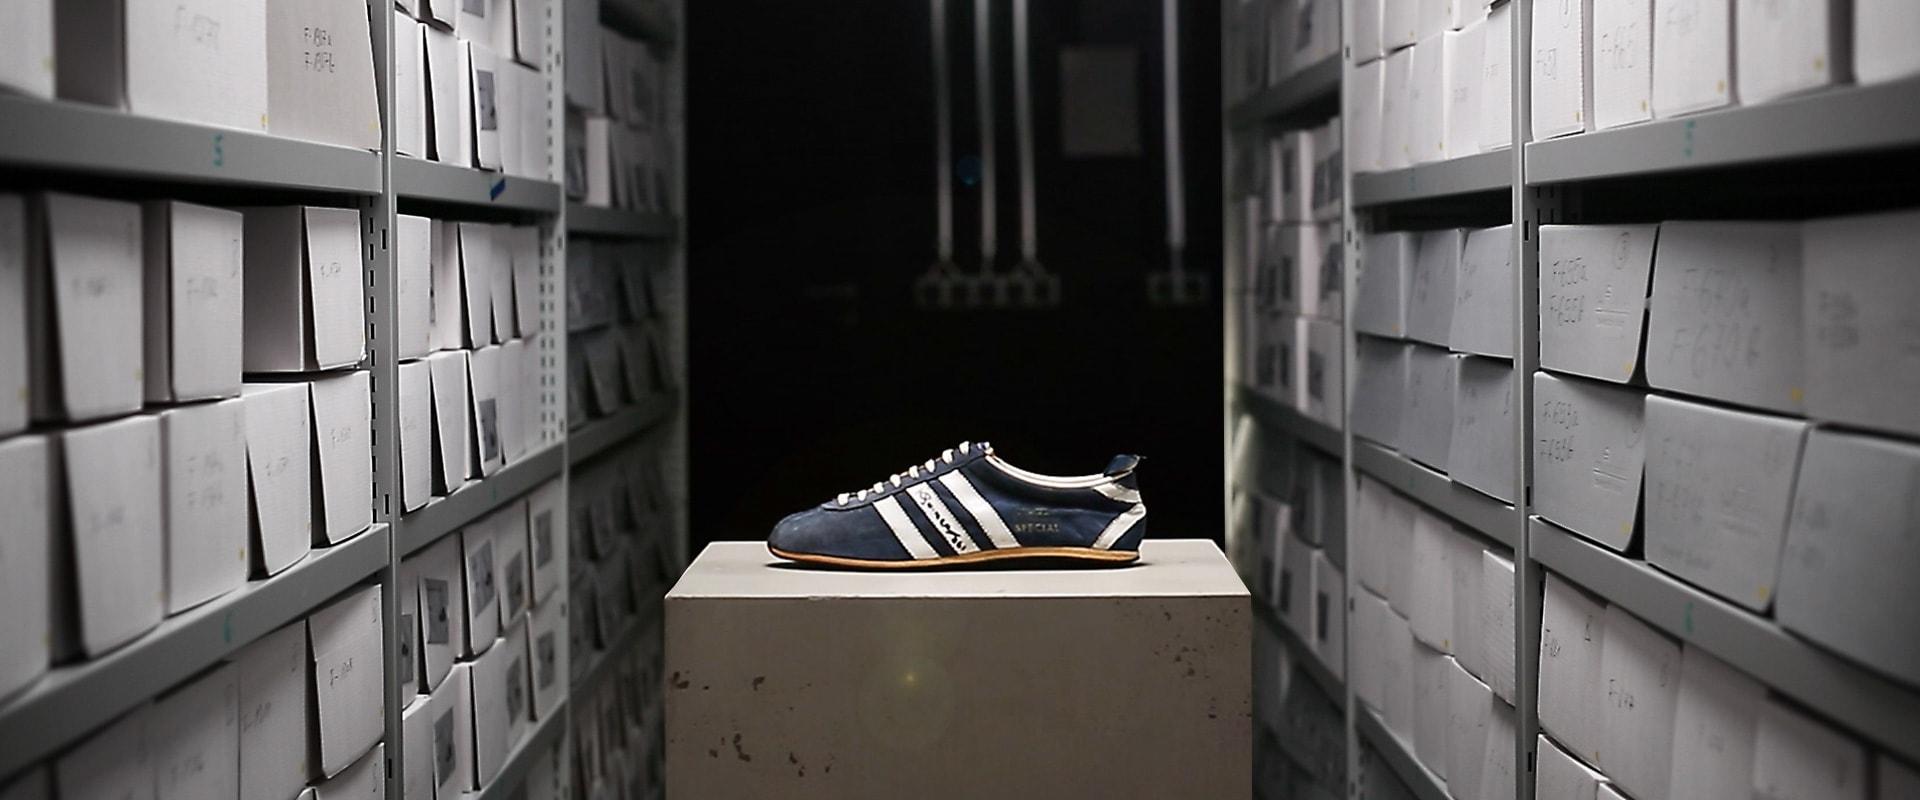 negozio scarpe adidas lucca